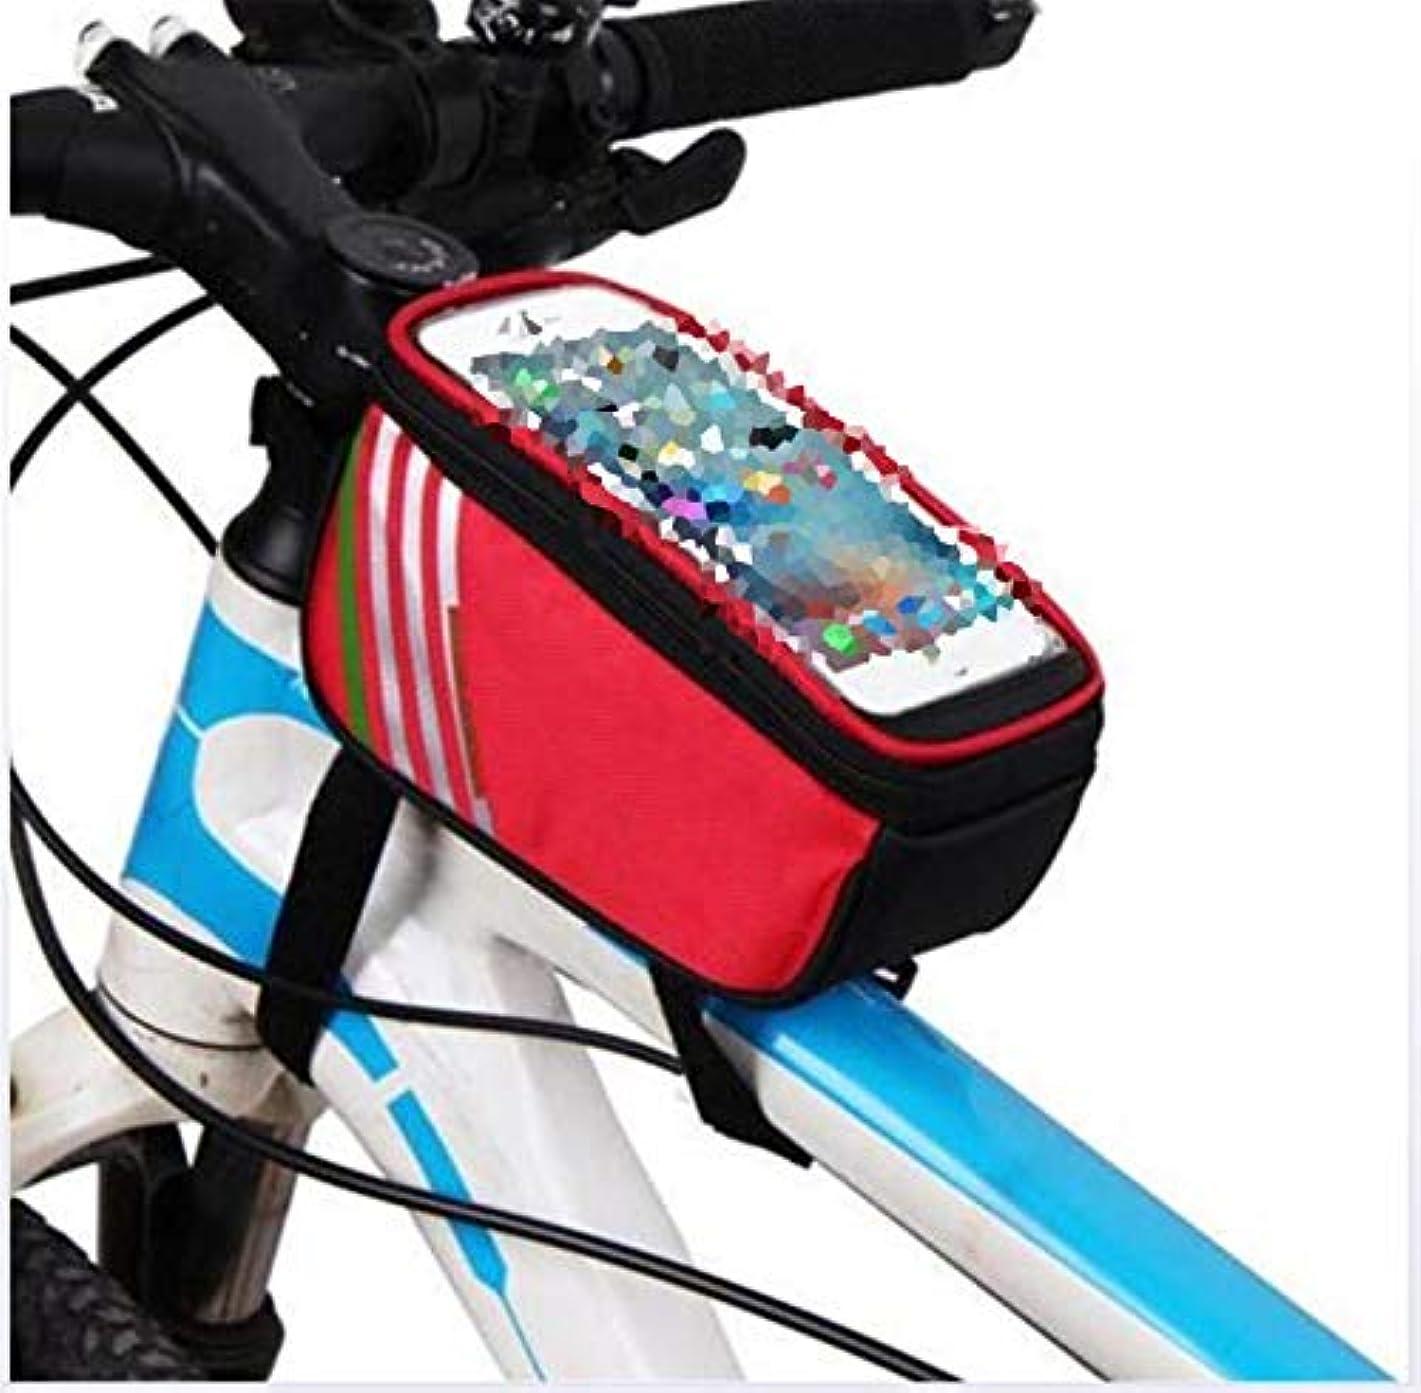 天窓ベルト追記自転車バッグ、自転車フレームバッグ、自転車用ポーチ、自転車用サイドバッグ - アウトドアバイク用防水自転車フレーム